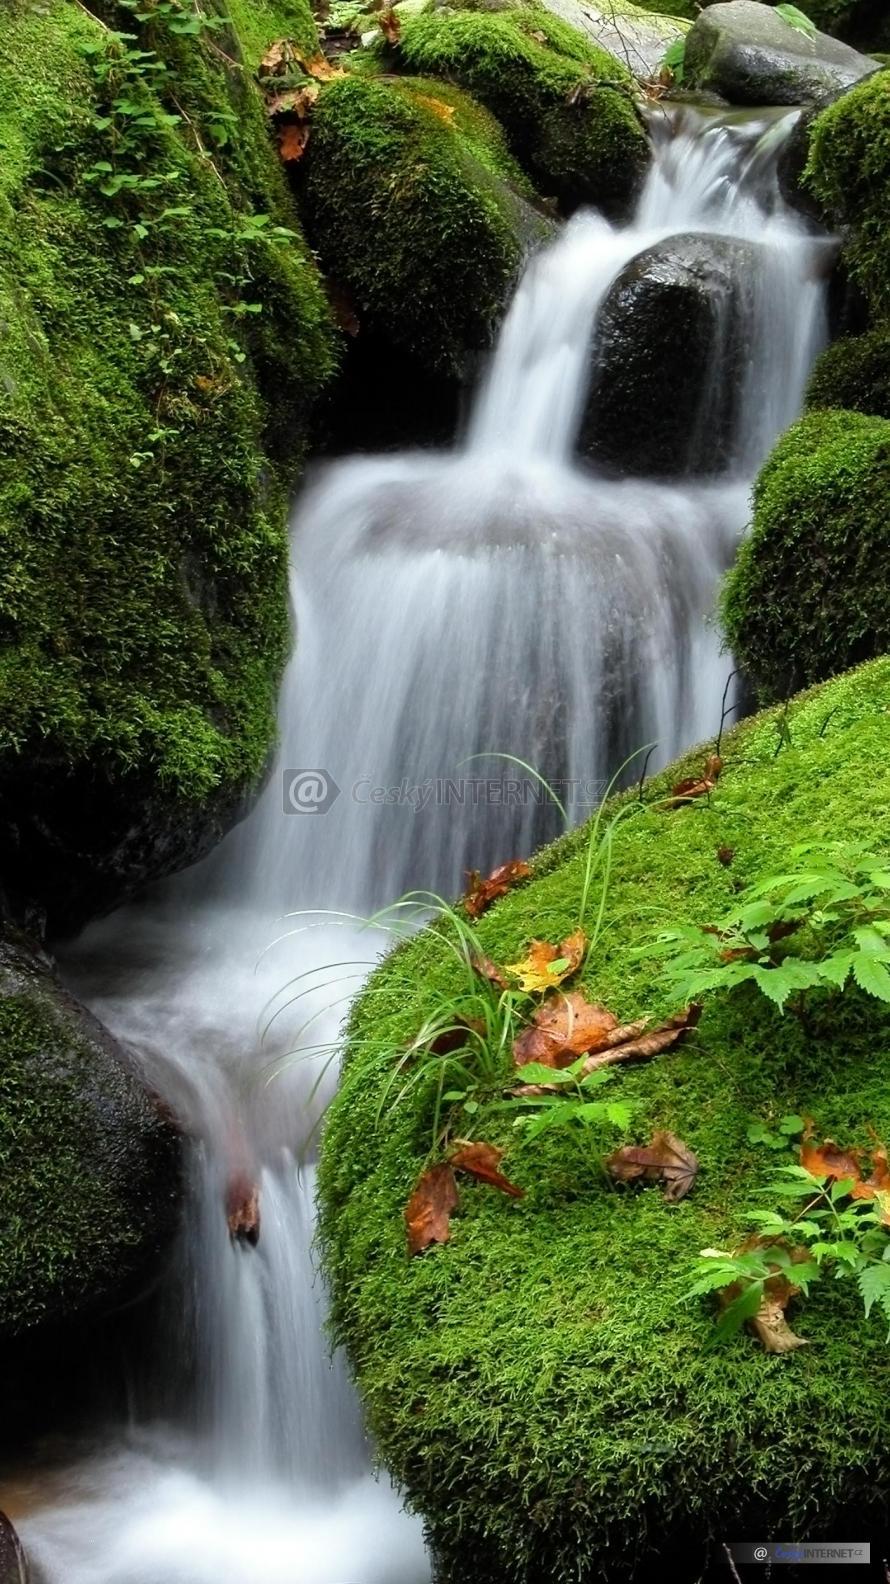 Potok s drobnými vodopády uprostřed přírody - detail.